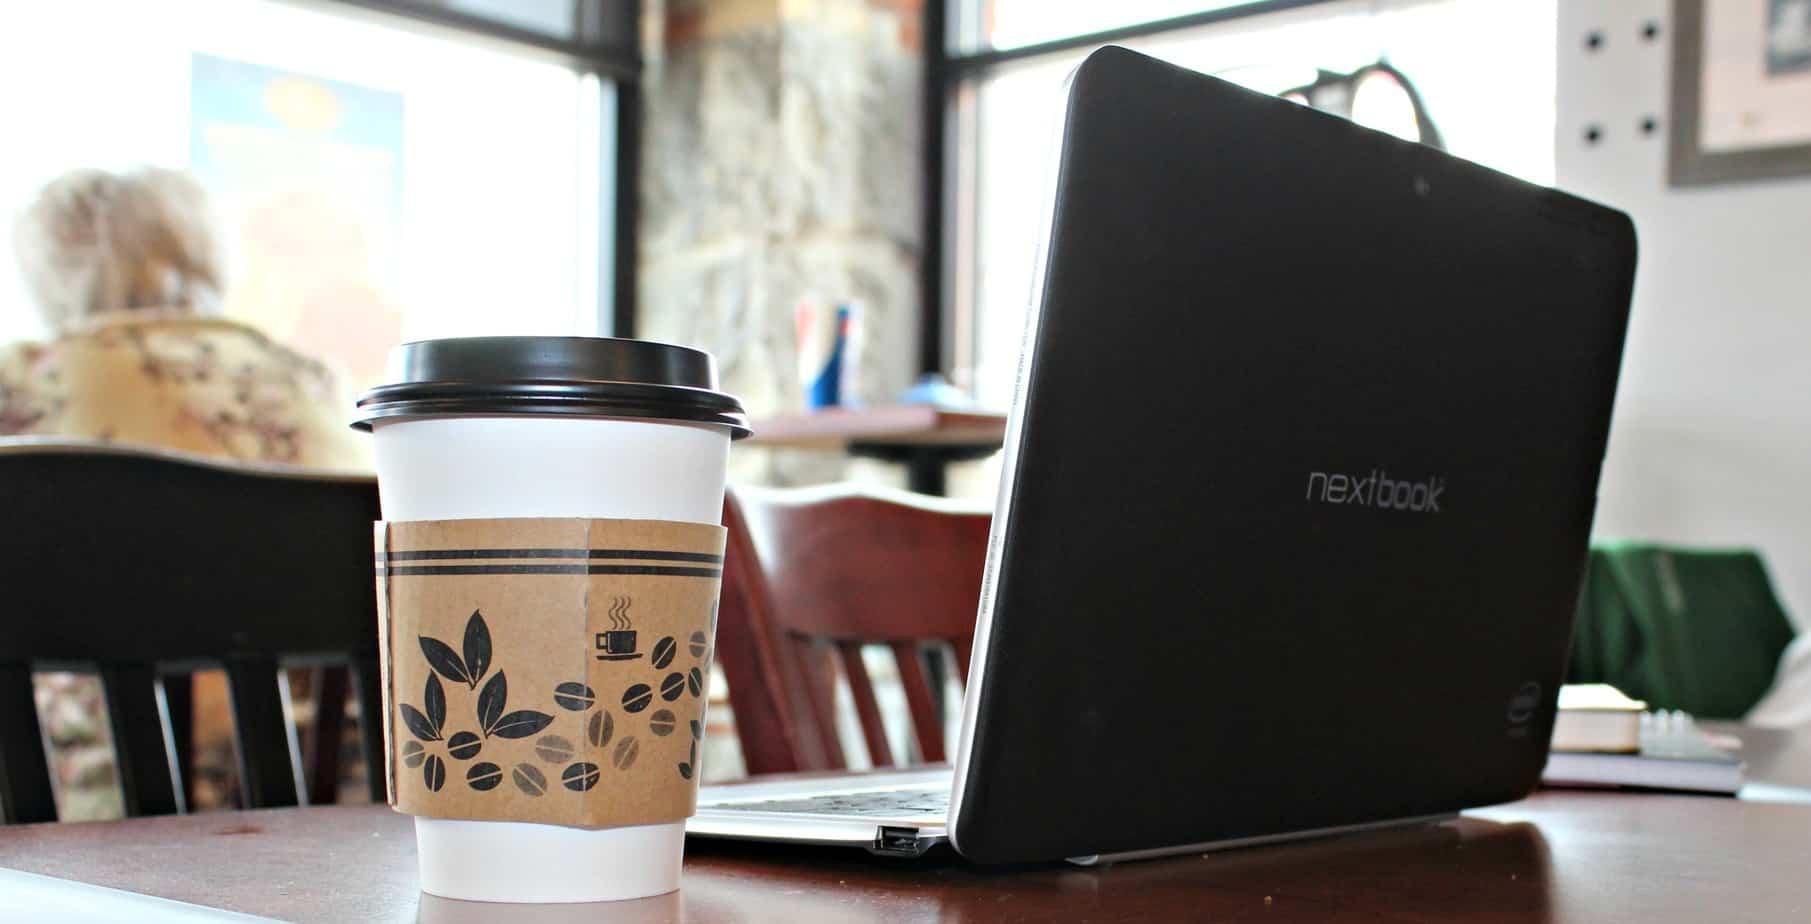 Nextbook Flexx 11A Tablet